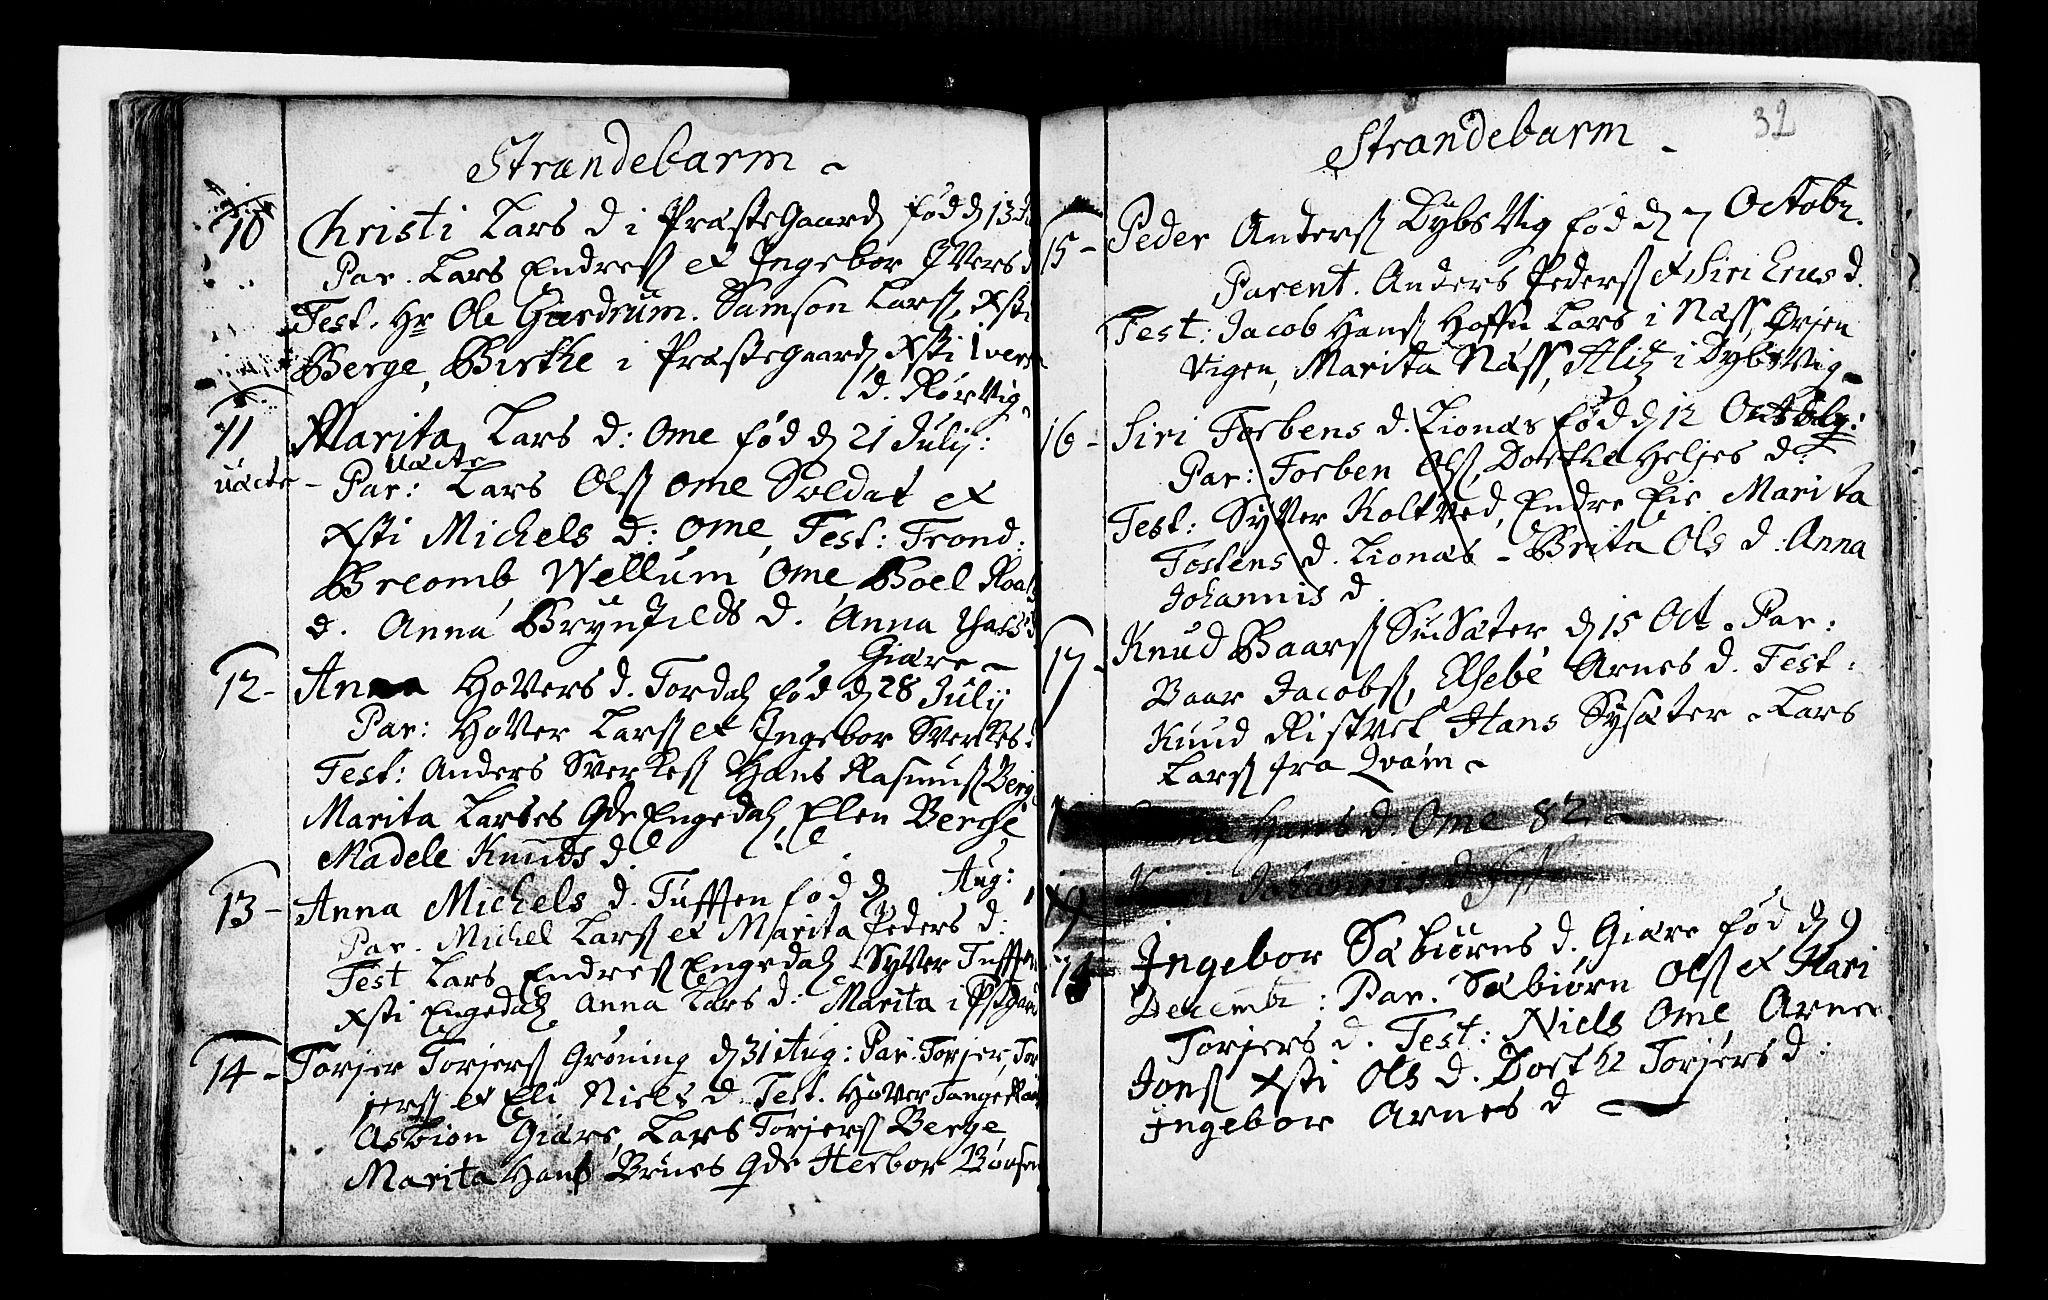 SAB, Strandebarm Sokneprestembete, H/Haa: Ministerialbok nr. A 2 /1, 1727-1750, s. 32